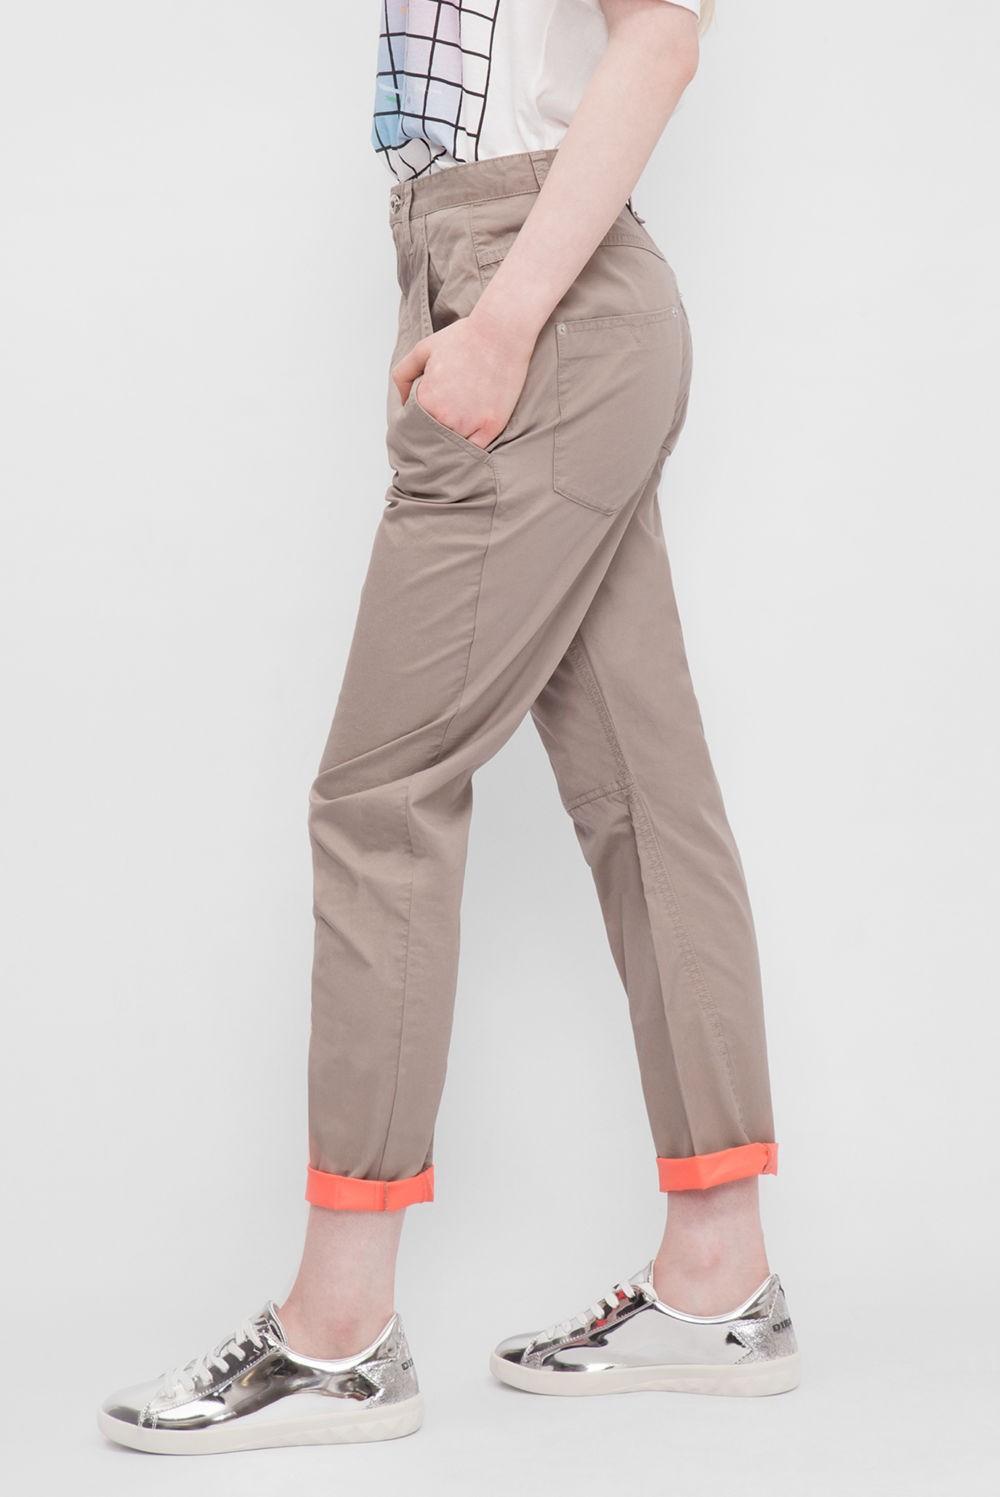 брюки чиносы женские коричневые с чем носят